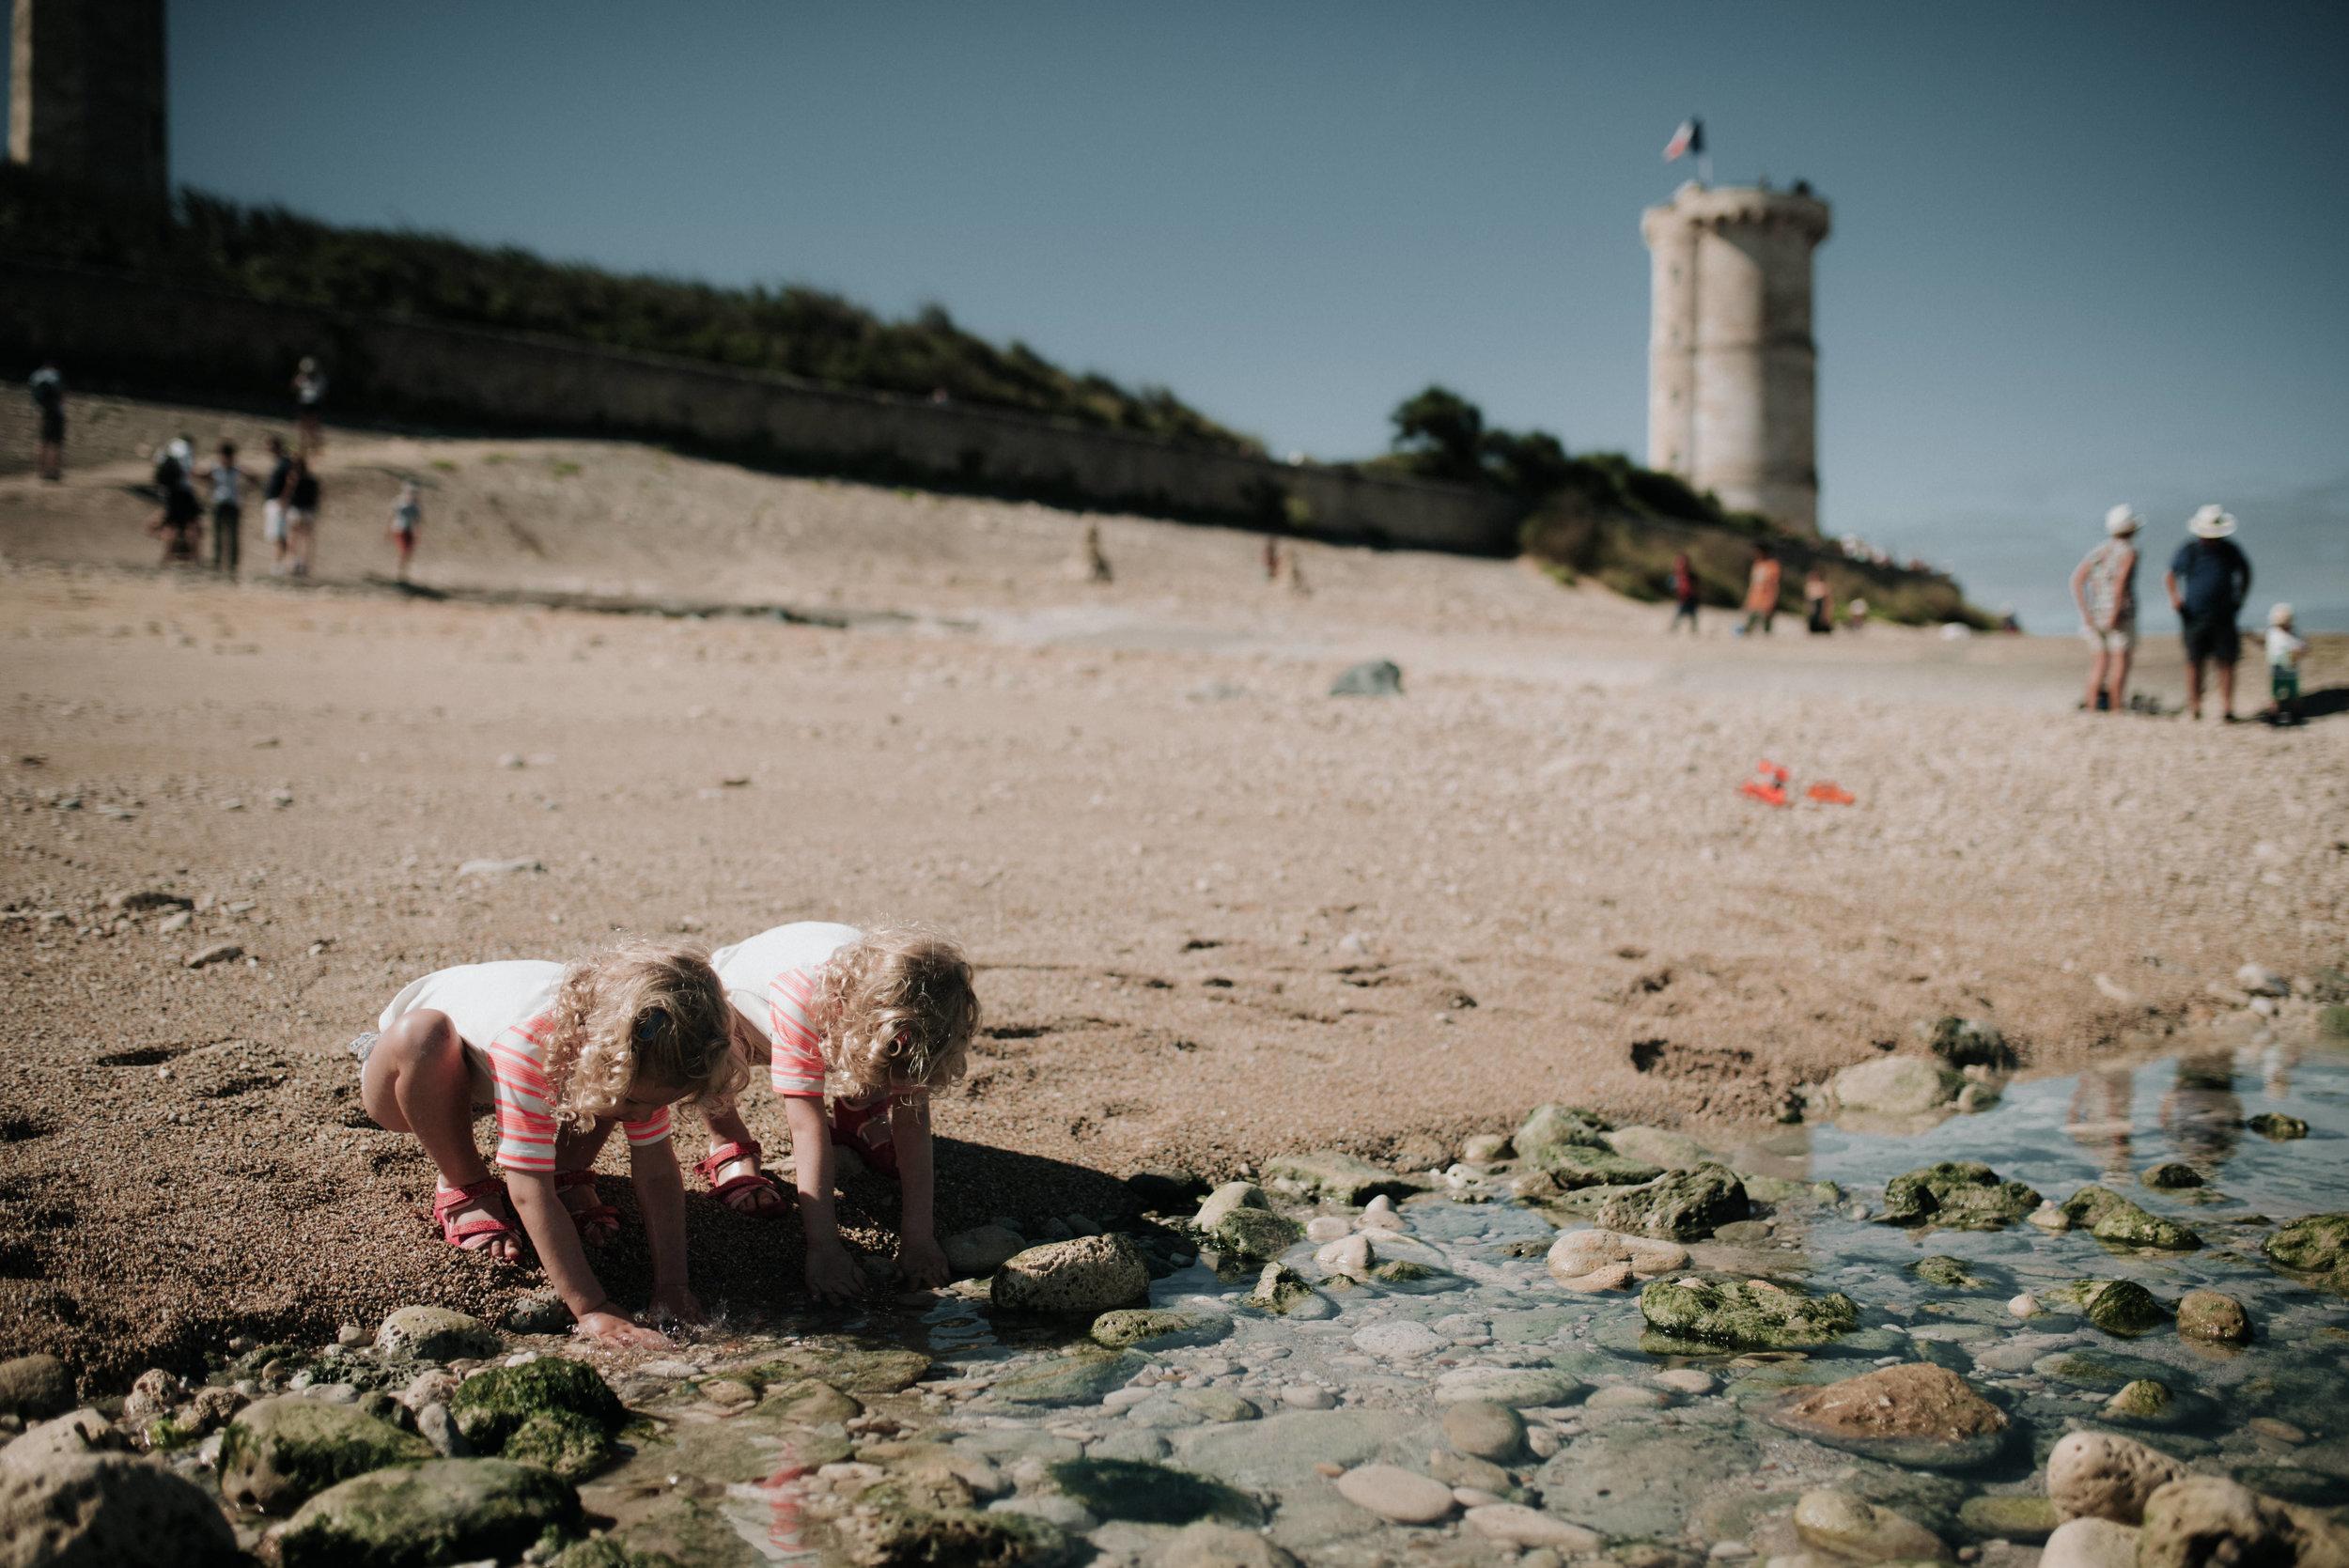 Léa-Fery-photographe-professionnel-lyon-rhone-alpes-portrait-creation-mariage-evenement-evenementiel-famille-2705.jpg